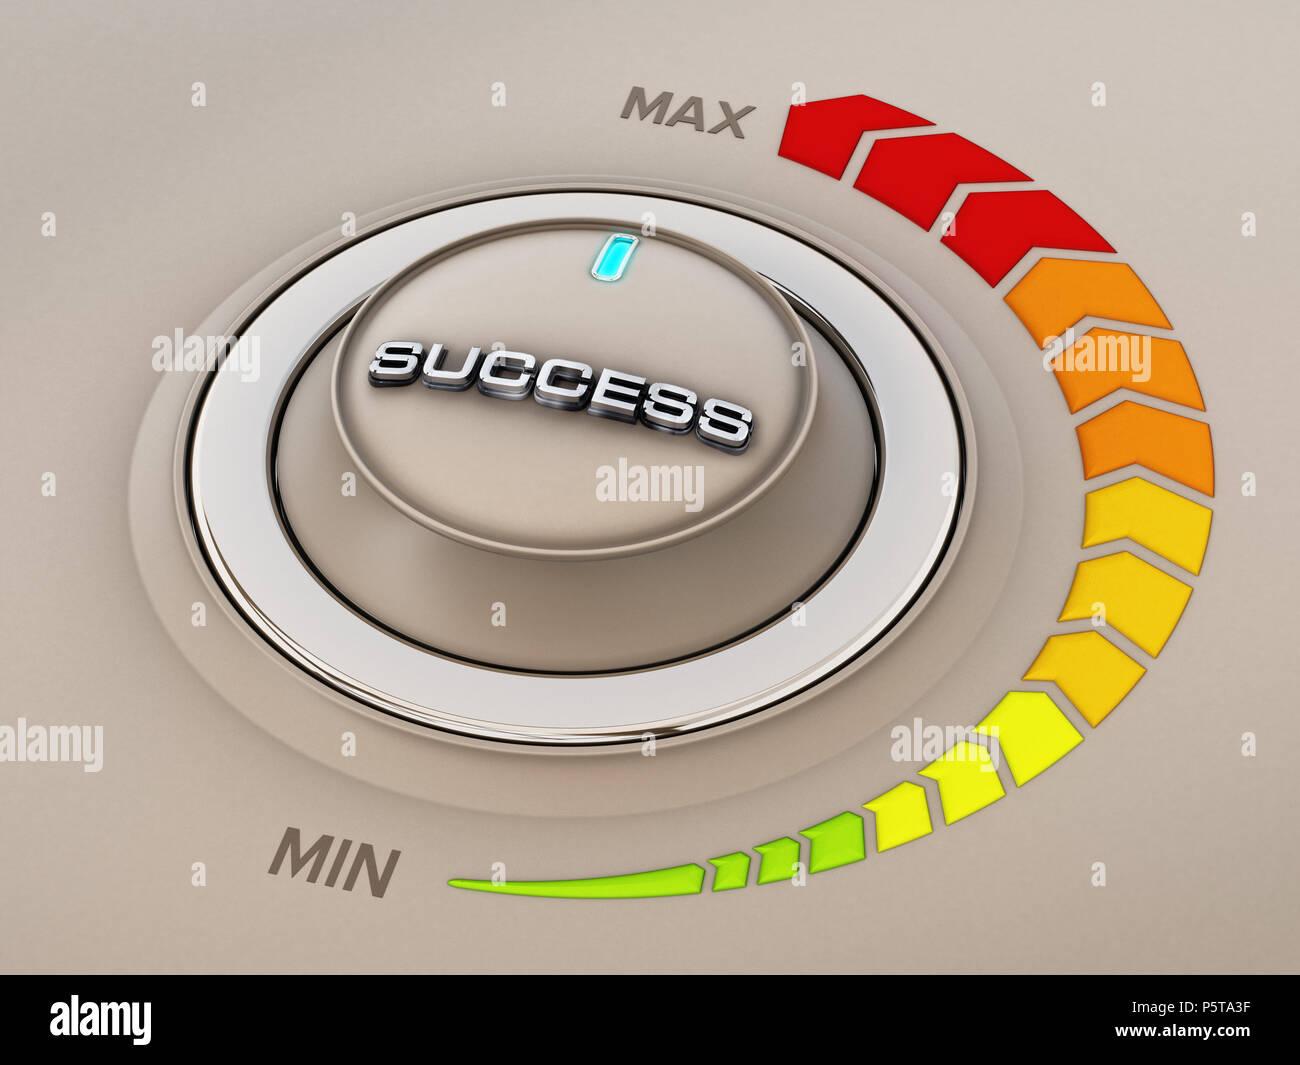 In stile vintage manopola di comando dial con successo la parola. 3D'illustrazione. Immagini Stock